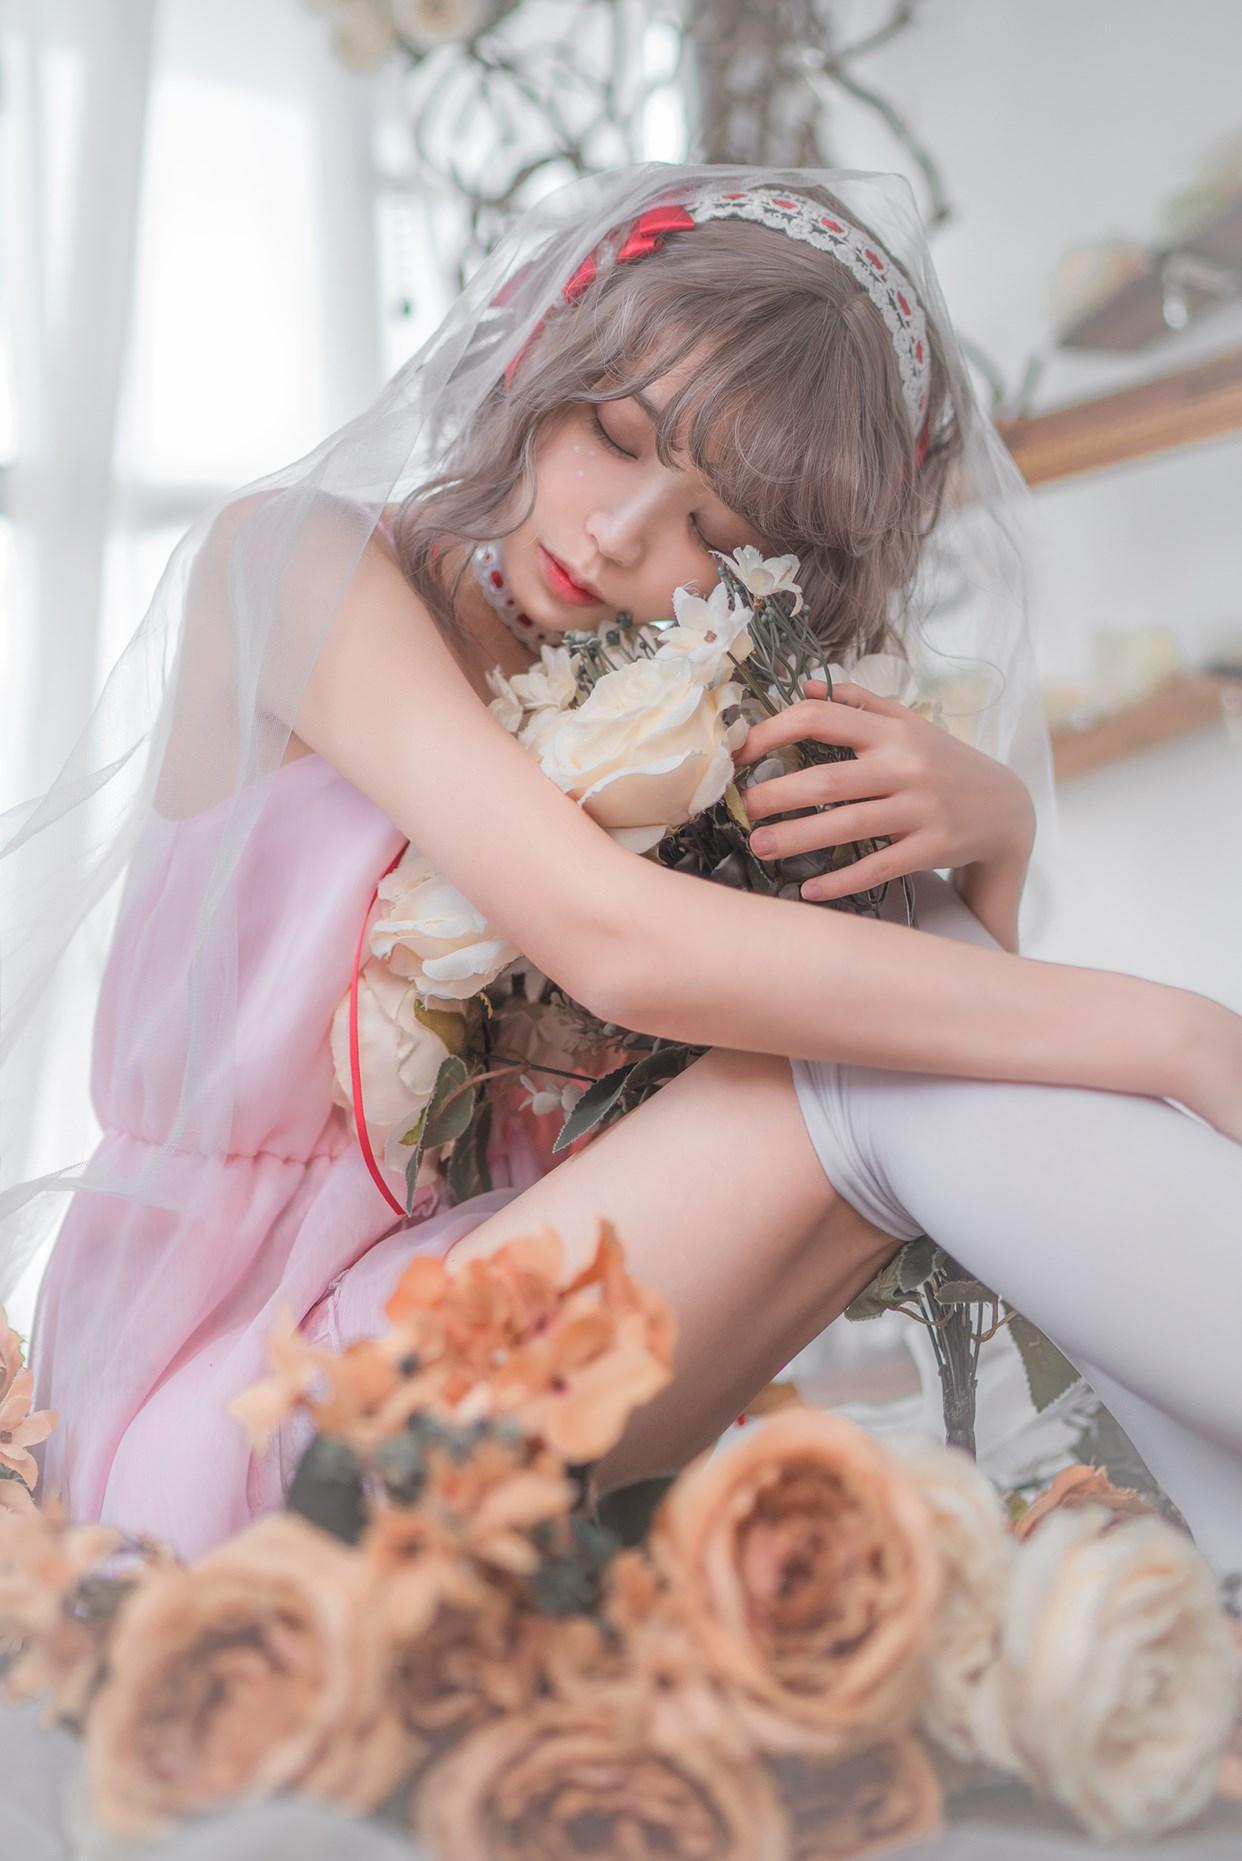 【兔玩映画】水手服和睡衣 兔玩映画 第22张